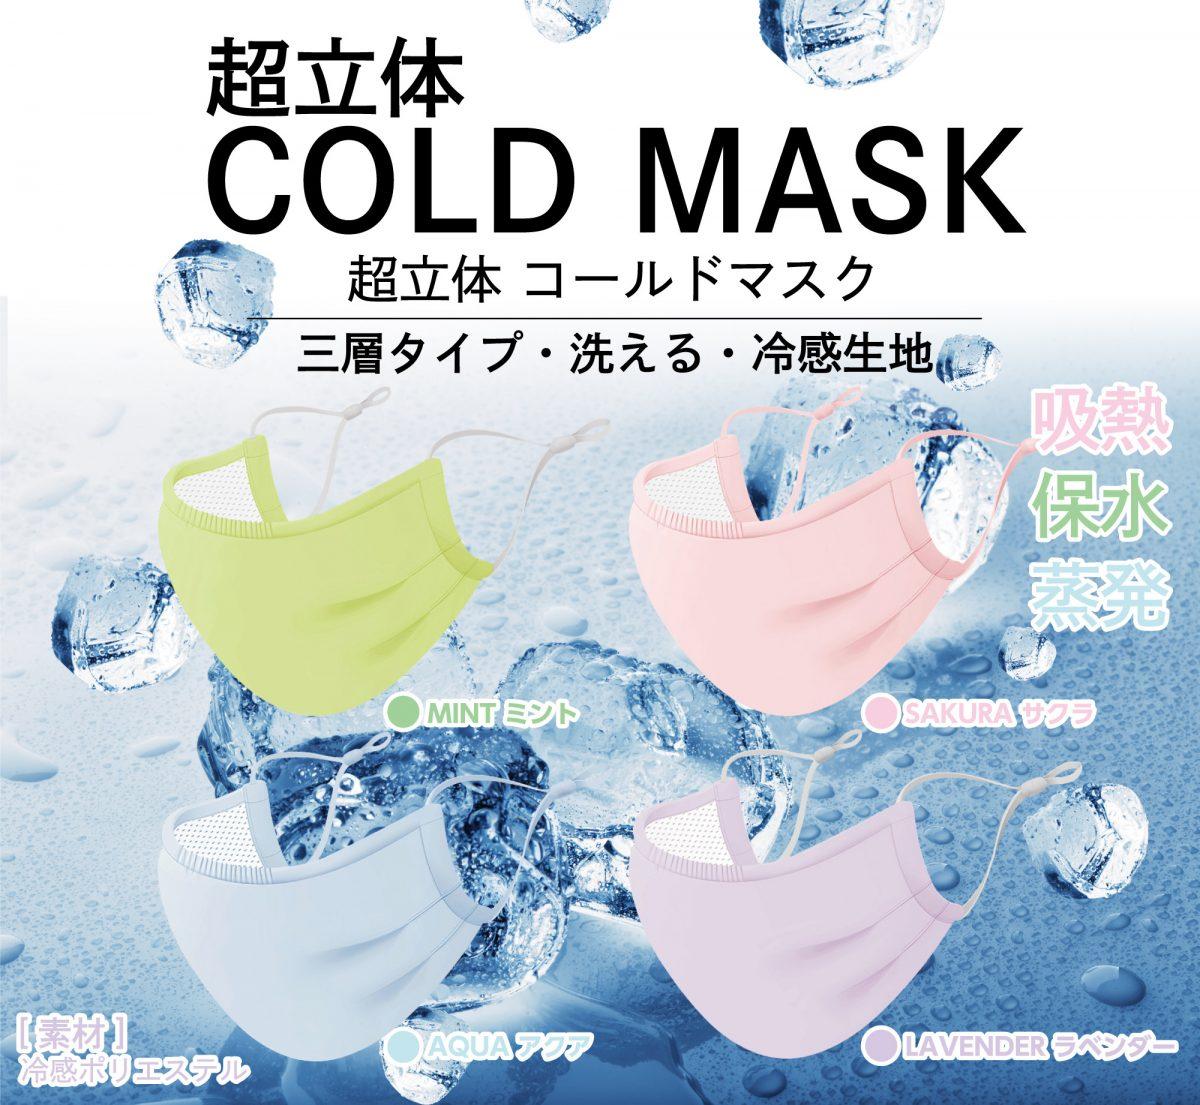 【マスク】超立体COLD MASK|さわやかな夏カラー登場